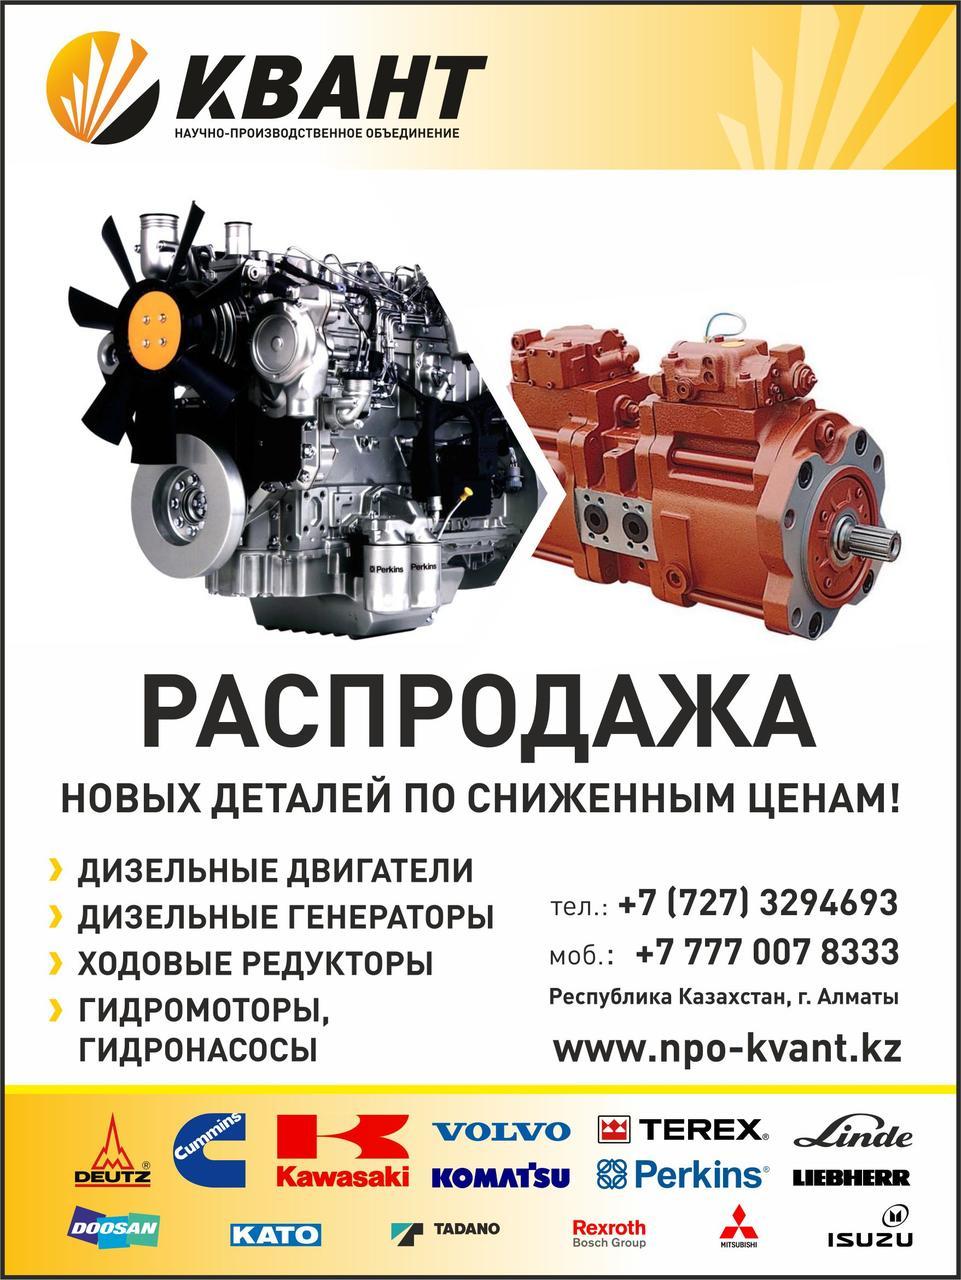 Запасные части для двигателя Isuzu 6UZ1XYBW, 6UZ1XYGV, 6WG1XYBW, 6WG1XYGV, Алматы